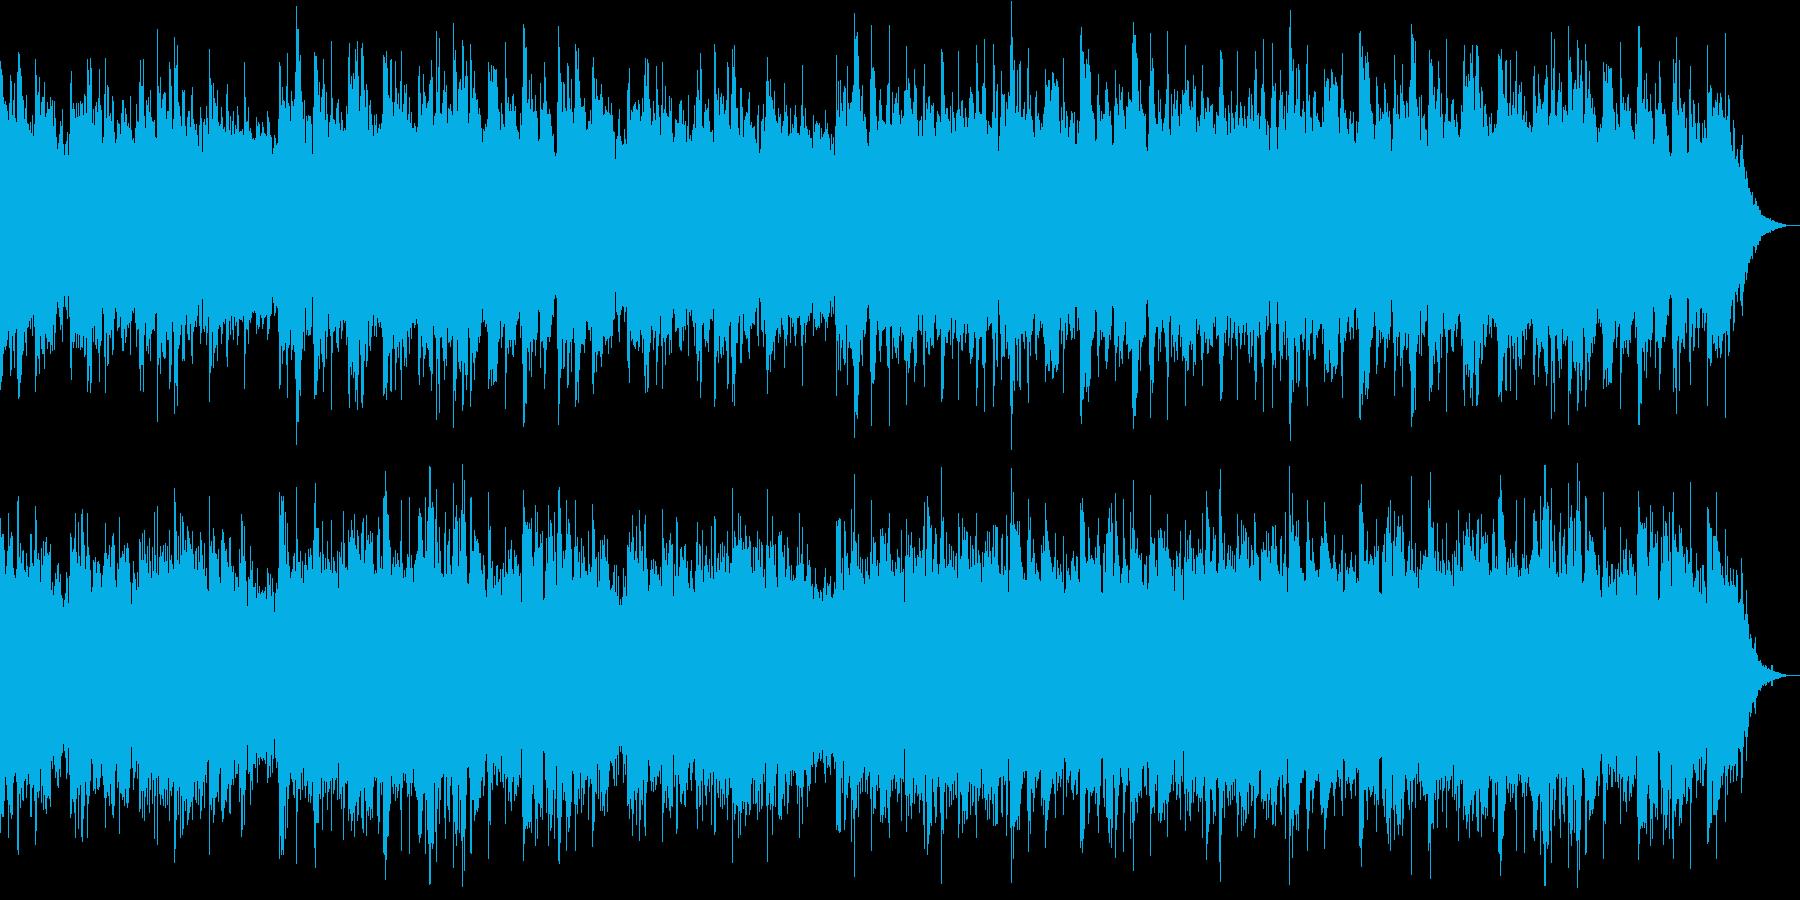 宇宙空間をイメージしたアンビエントの再生済みの波形